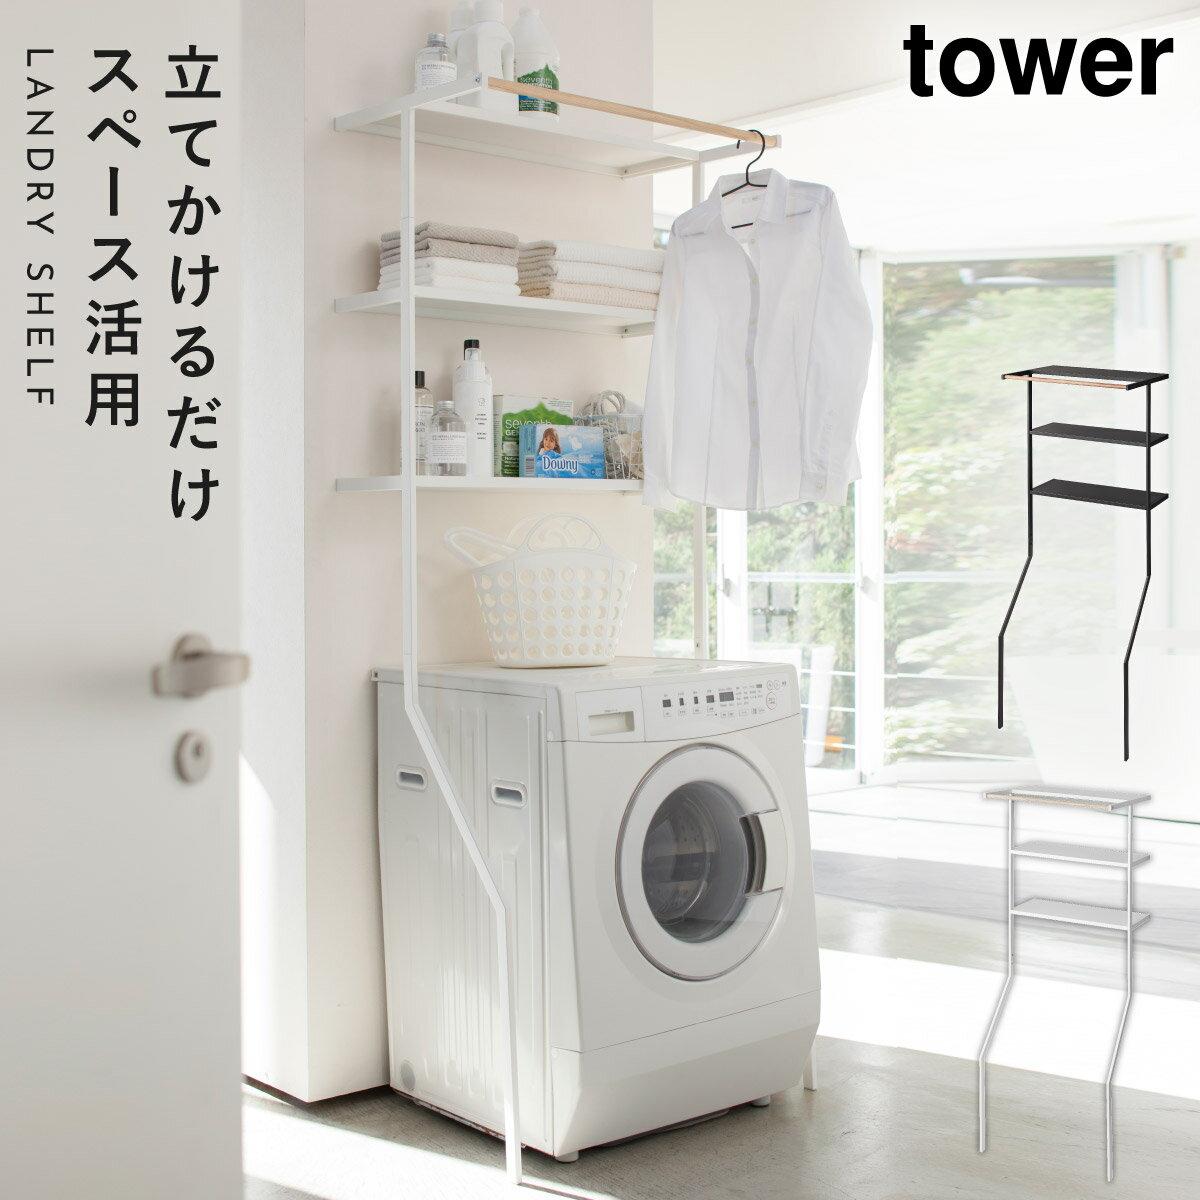 立て掛けランドリーシェルフ タワー